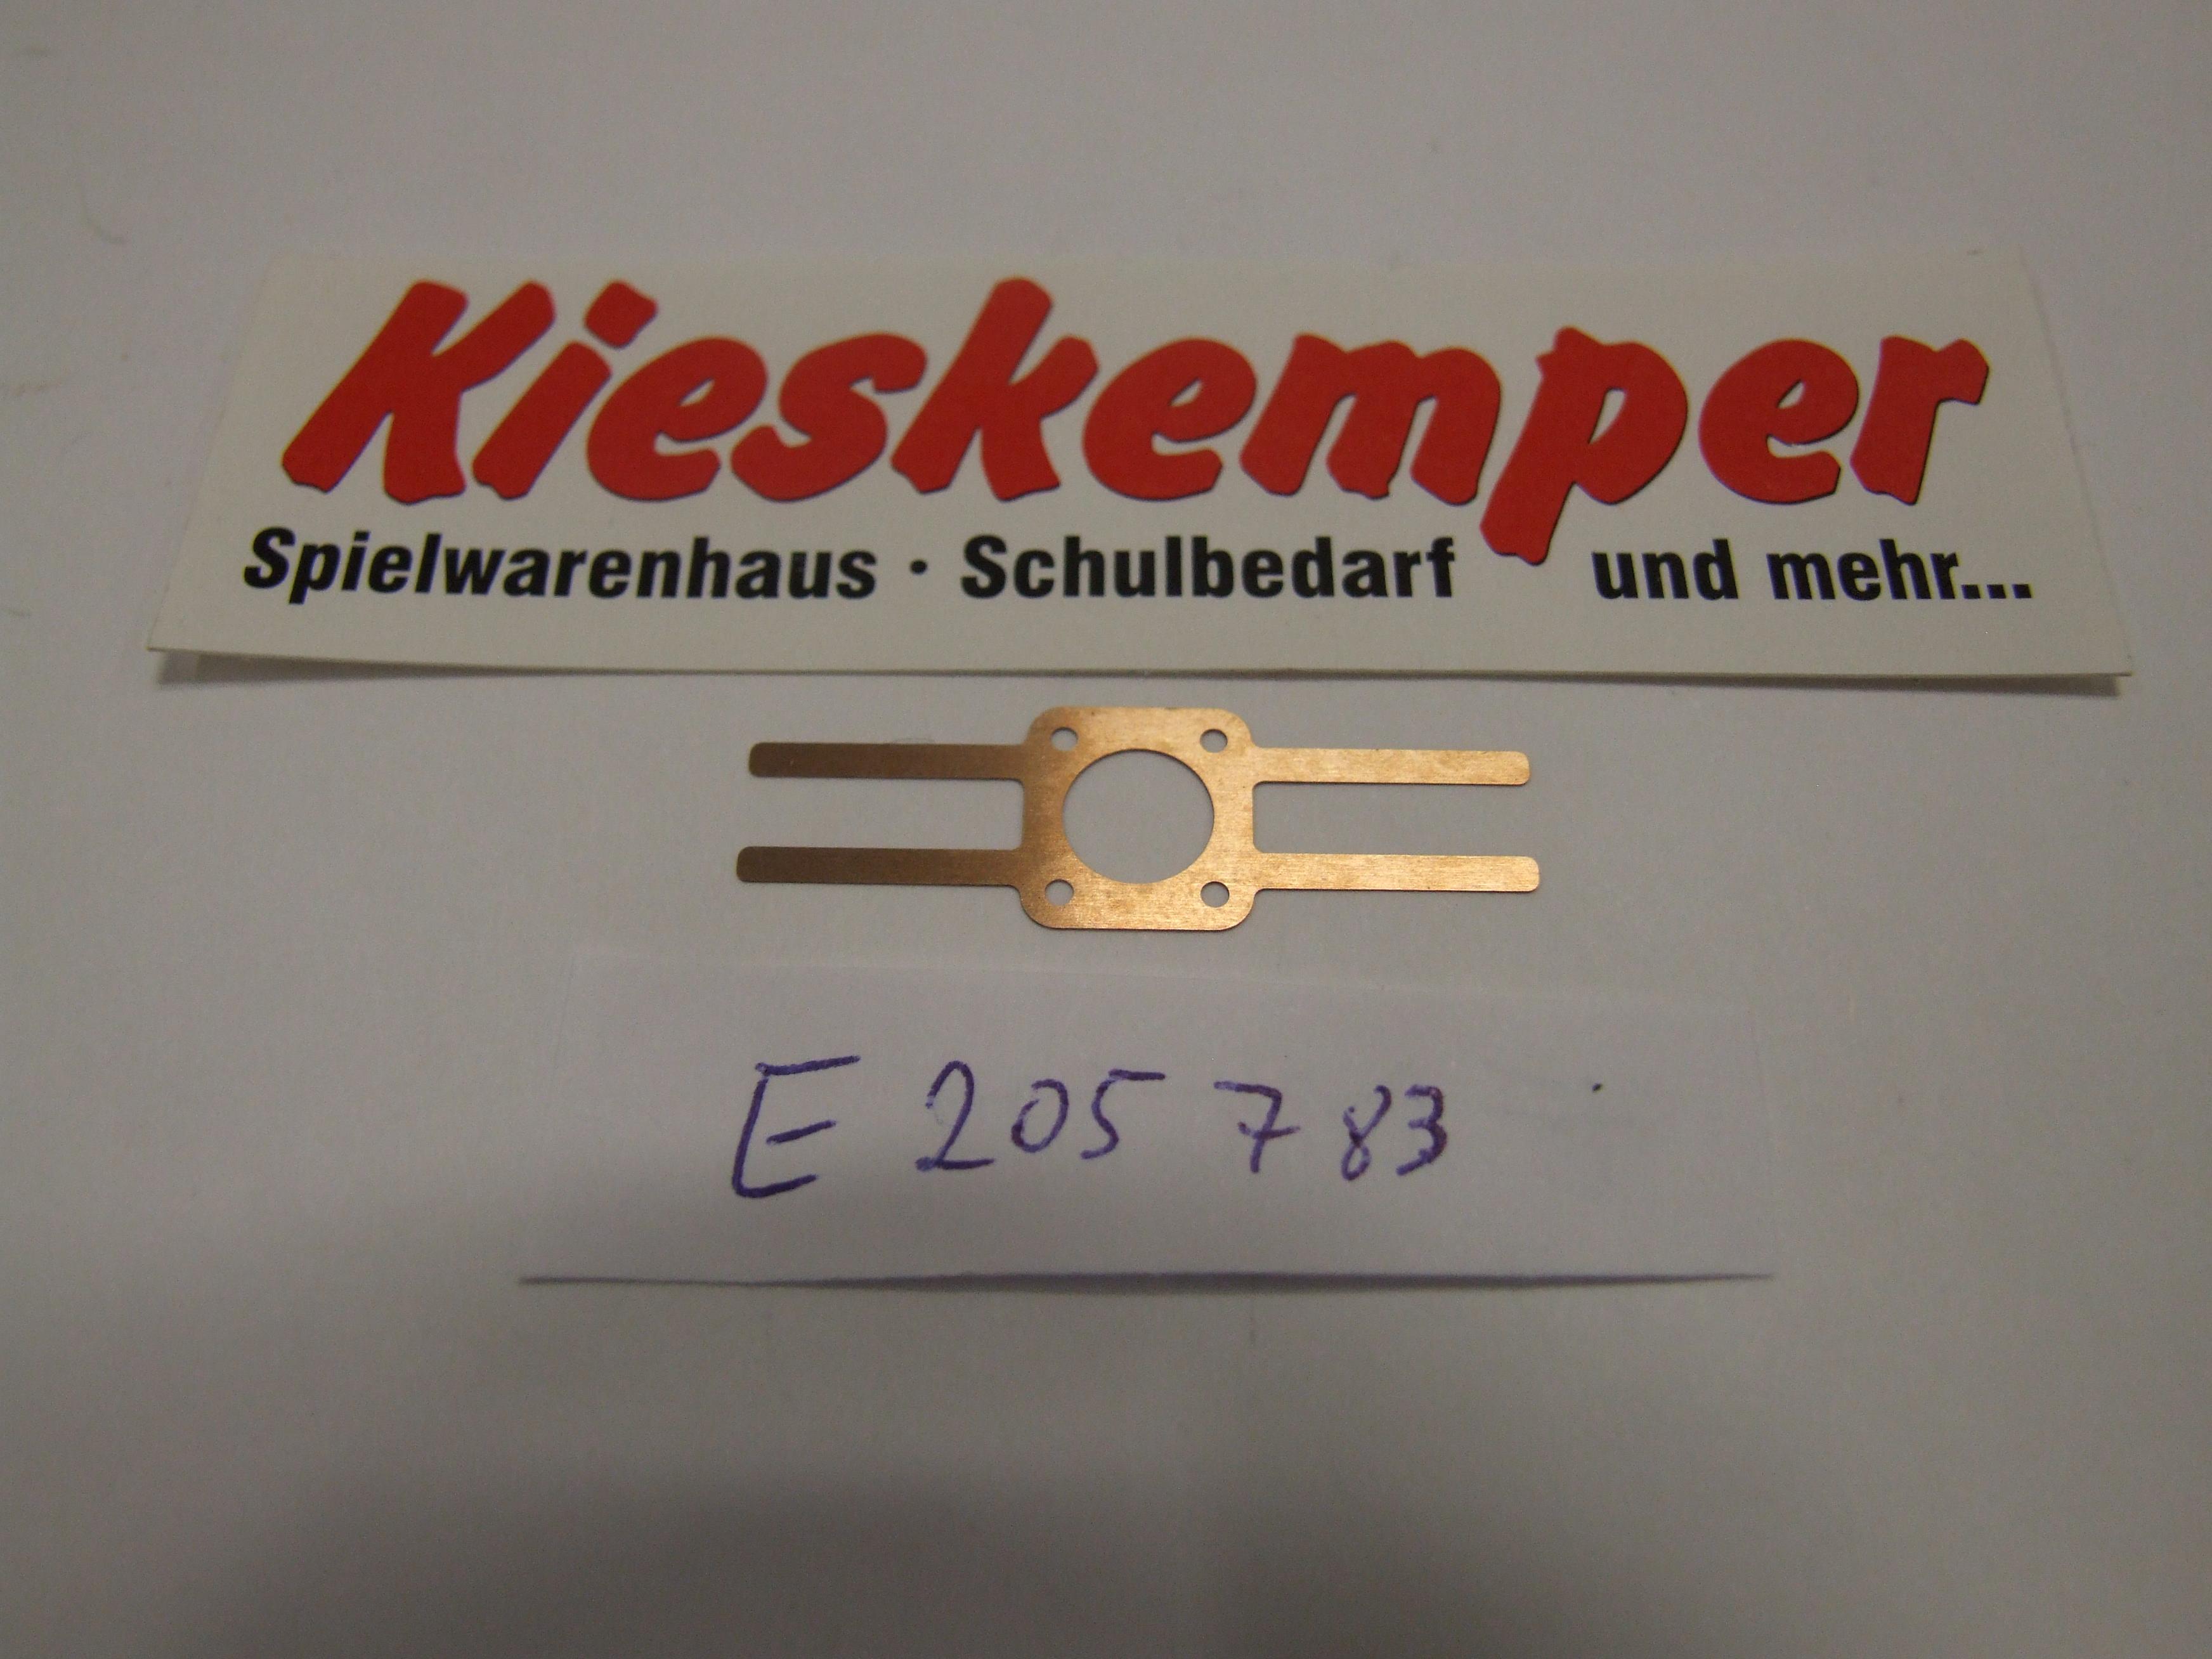 Märklin 205783 MASSEFEDER Box 2